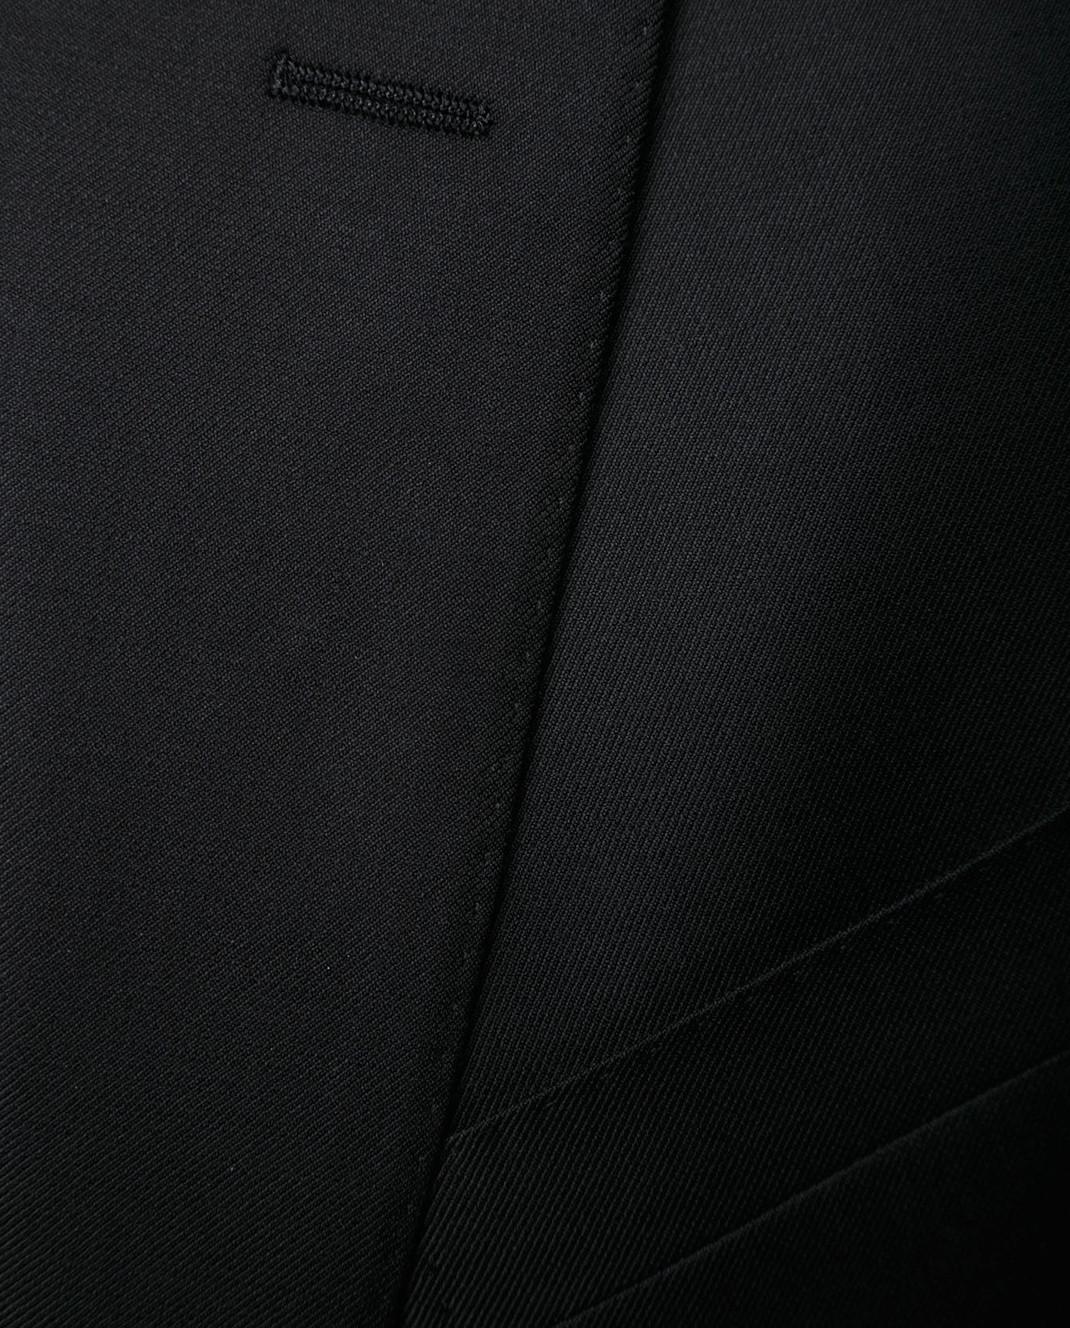 Gucci Черный костюм 450542 изображение 5